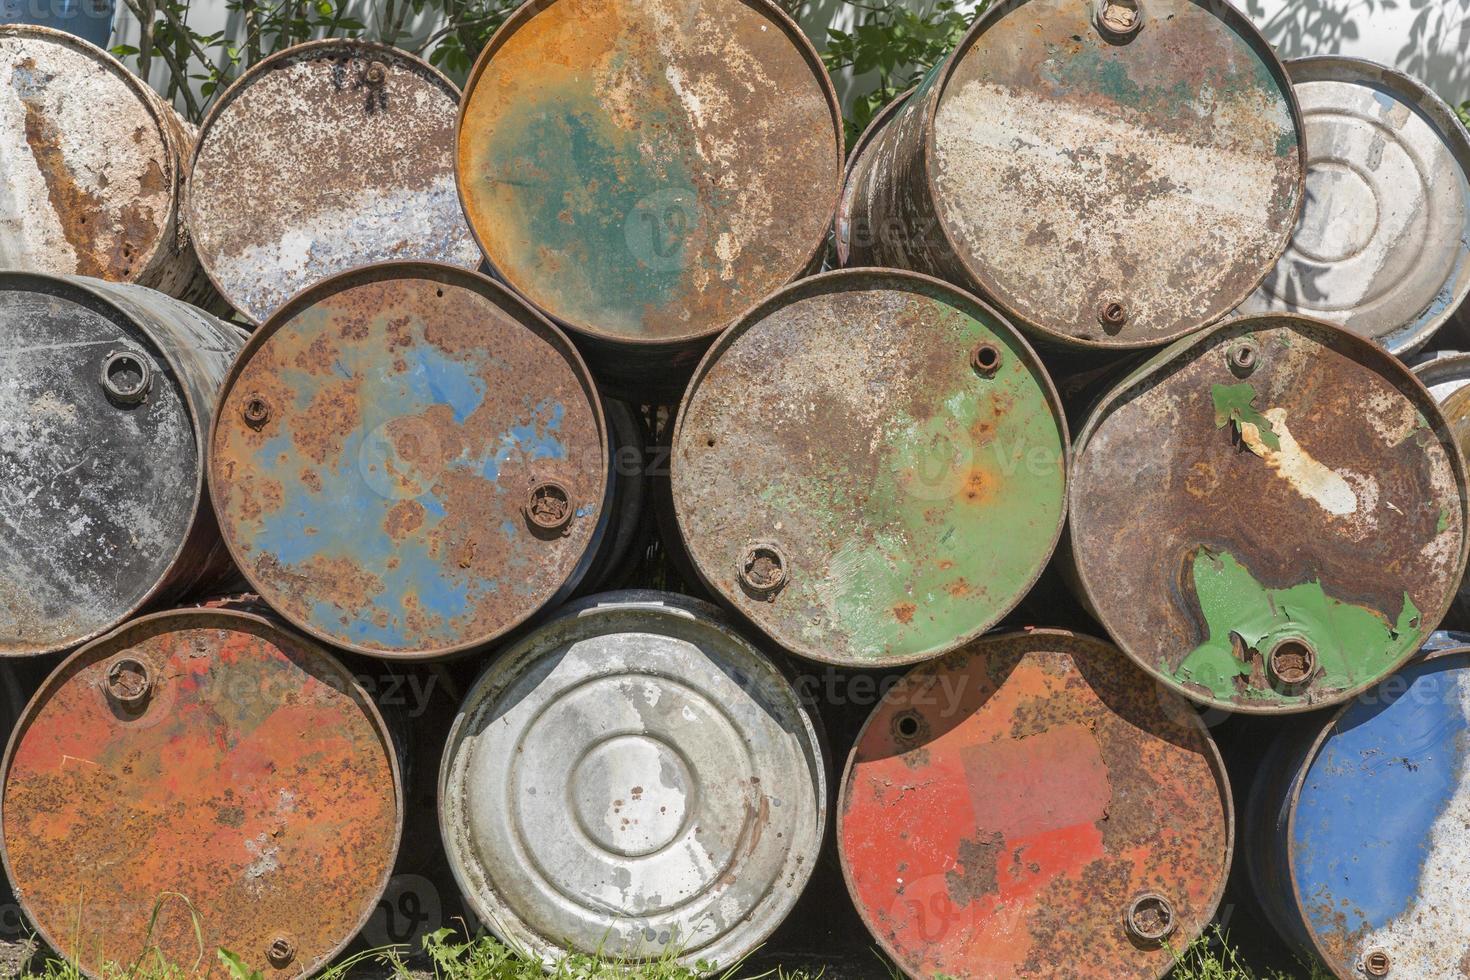 barriles de petróleo vacíos, oxidados y desgastados foto